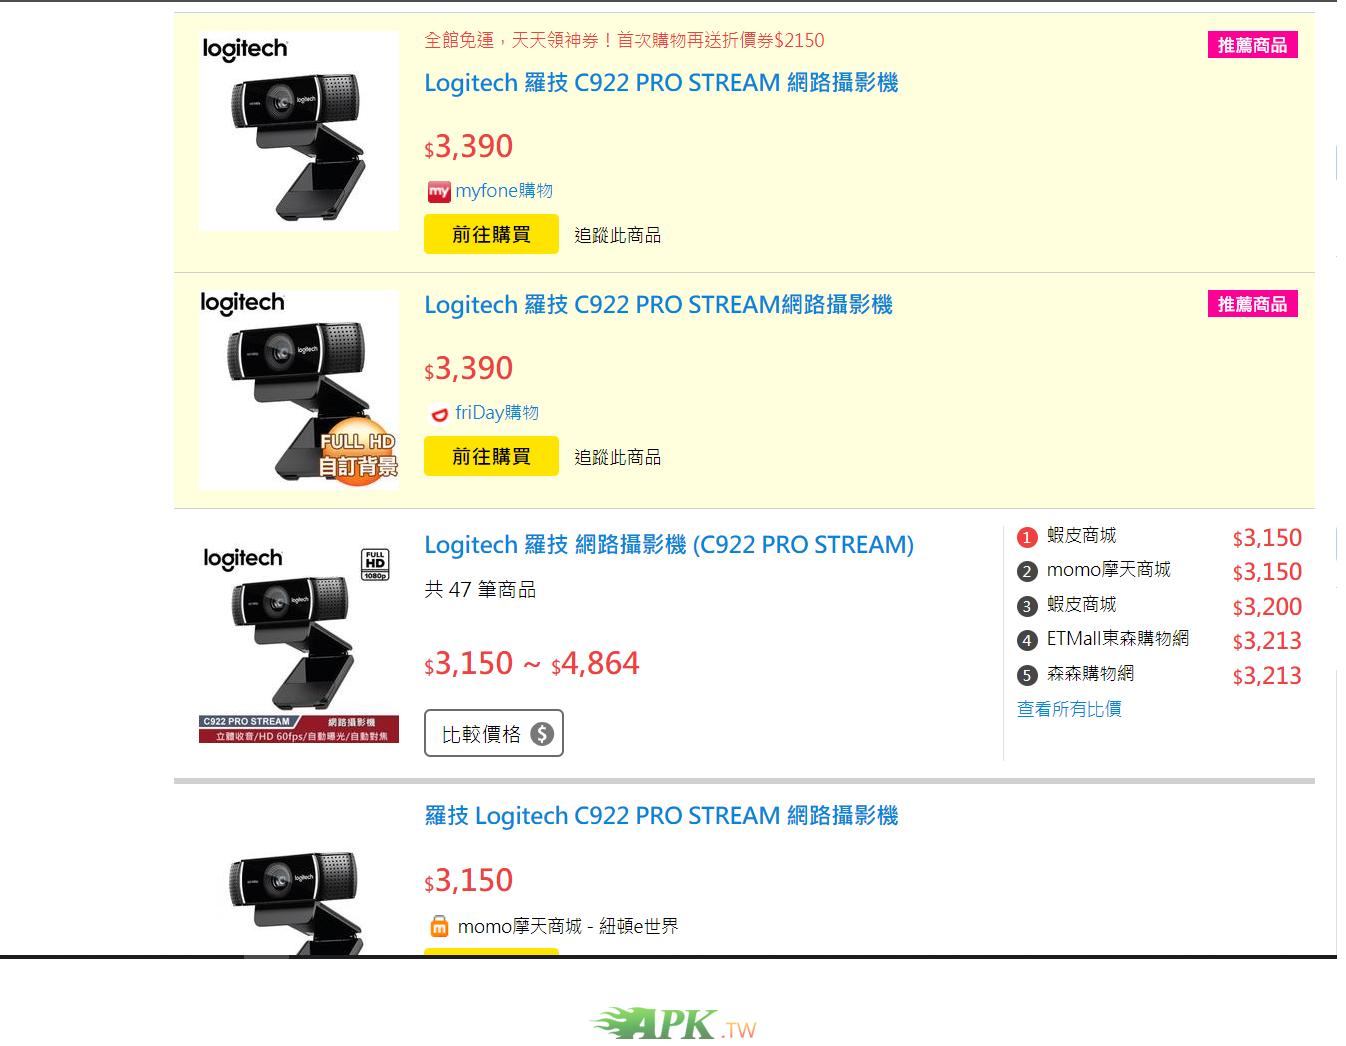 網路攝影機比價.png